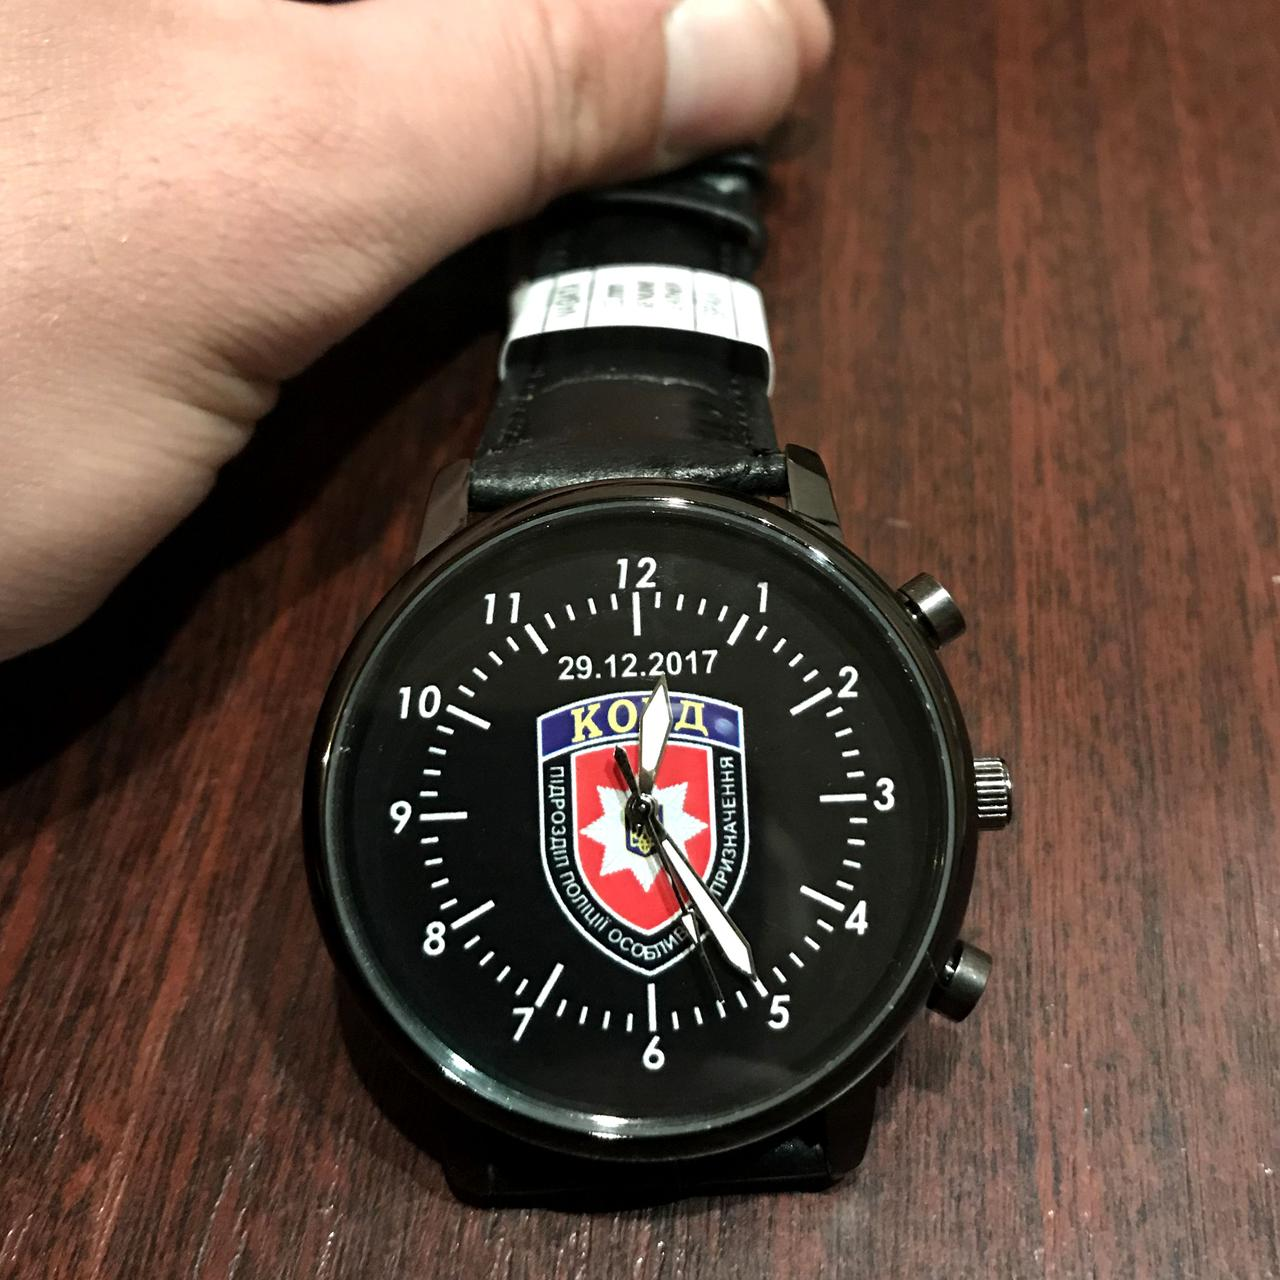 Часы наручные с логотипом КОРД  (Корпус Оперативно-Раптової Дії)